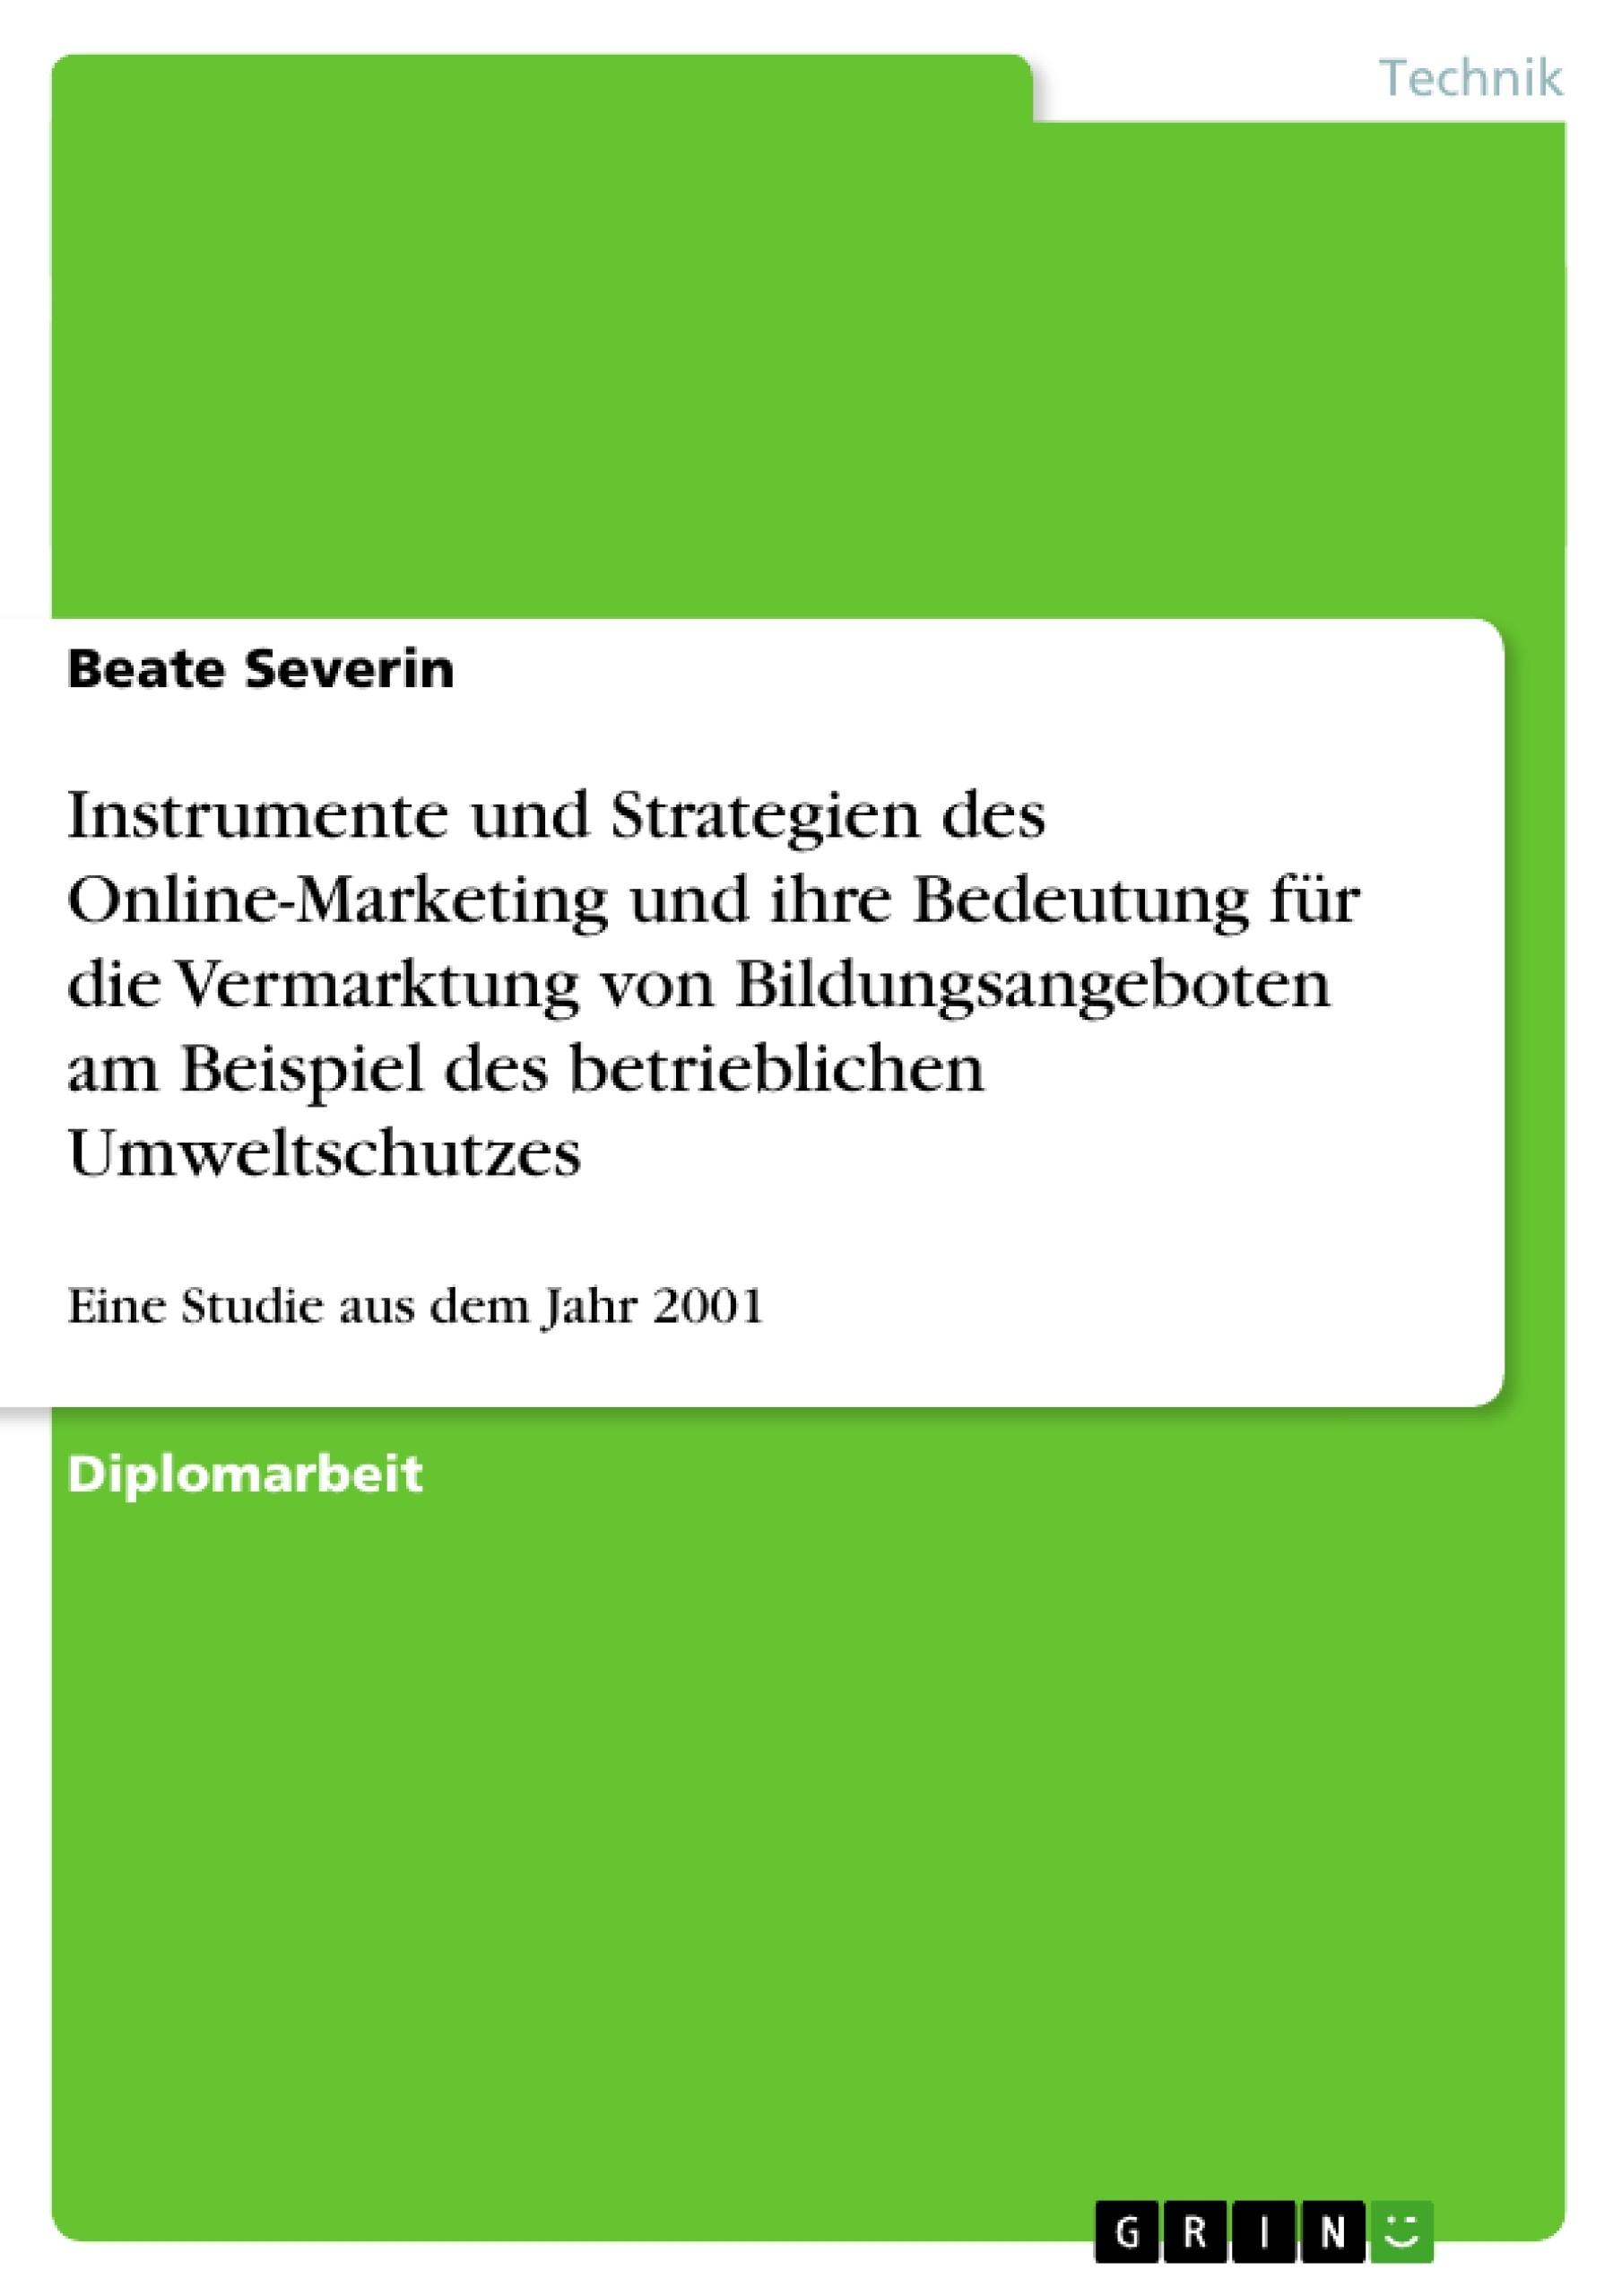 Titel: Instrumente und Strategien des Online-Marketing und ihre Bedeutung für die Vermarktung von Bildungsangeboten am Beispiel des betrieblichen Umweltschutzes